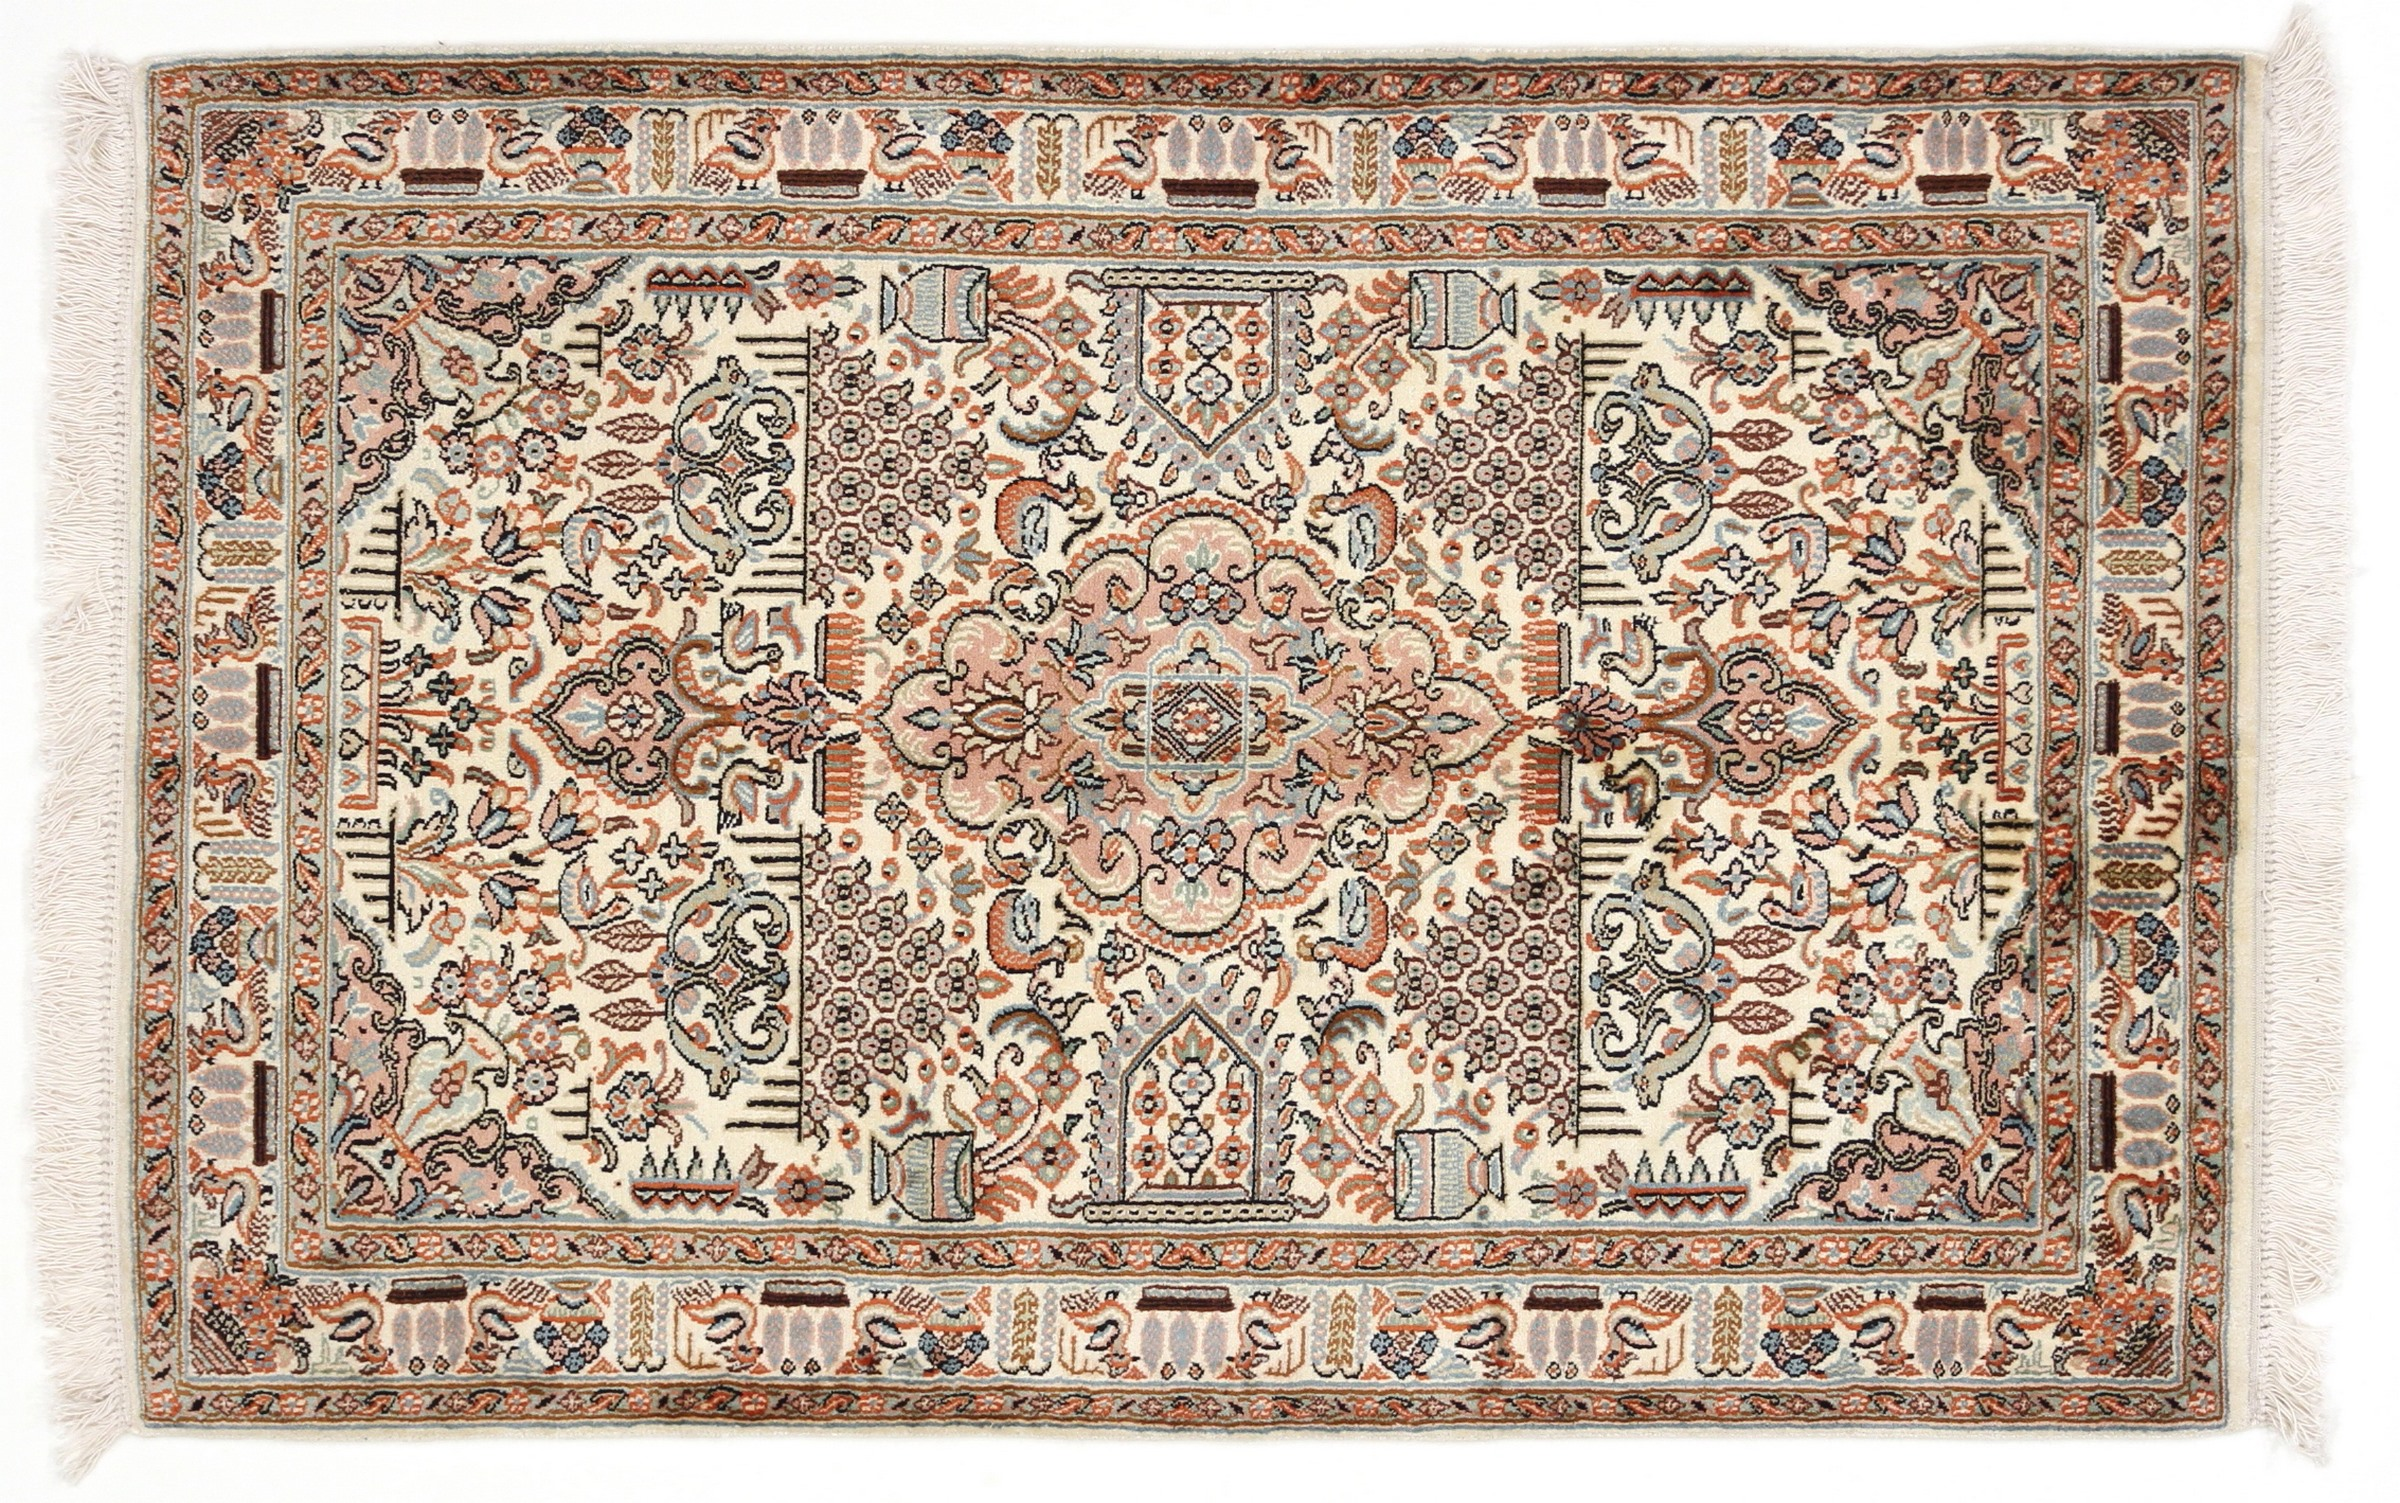 kaschmir reine seide indischer teppich 127x83 id20197 kaufen sie ihren orientteppich k 120x80. Black Bedroom Furniture Sets. Home Design Ideas